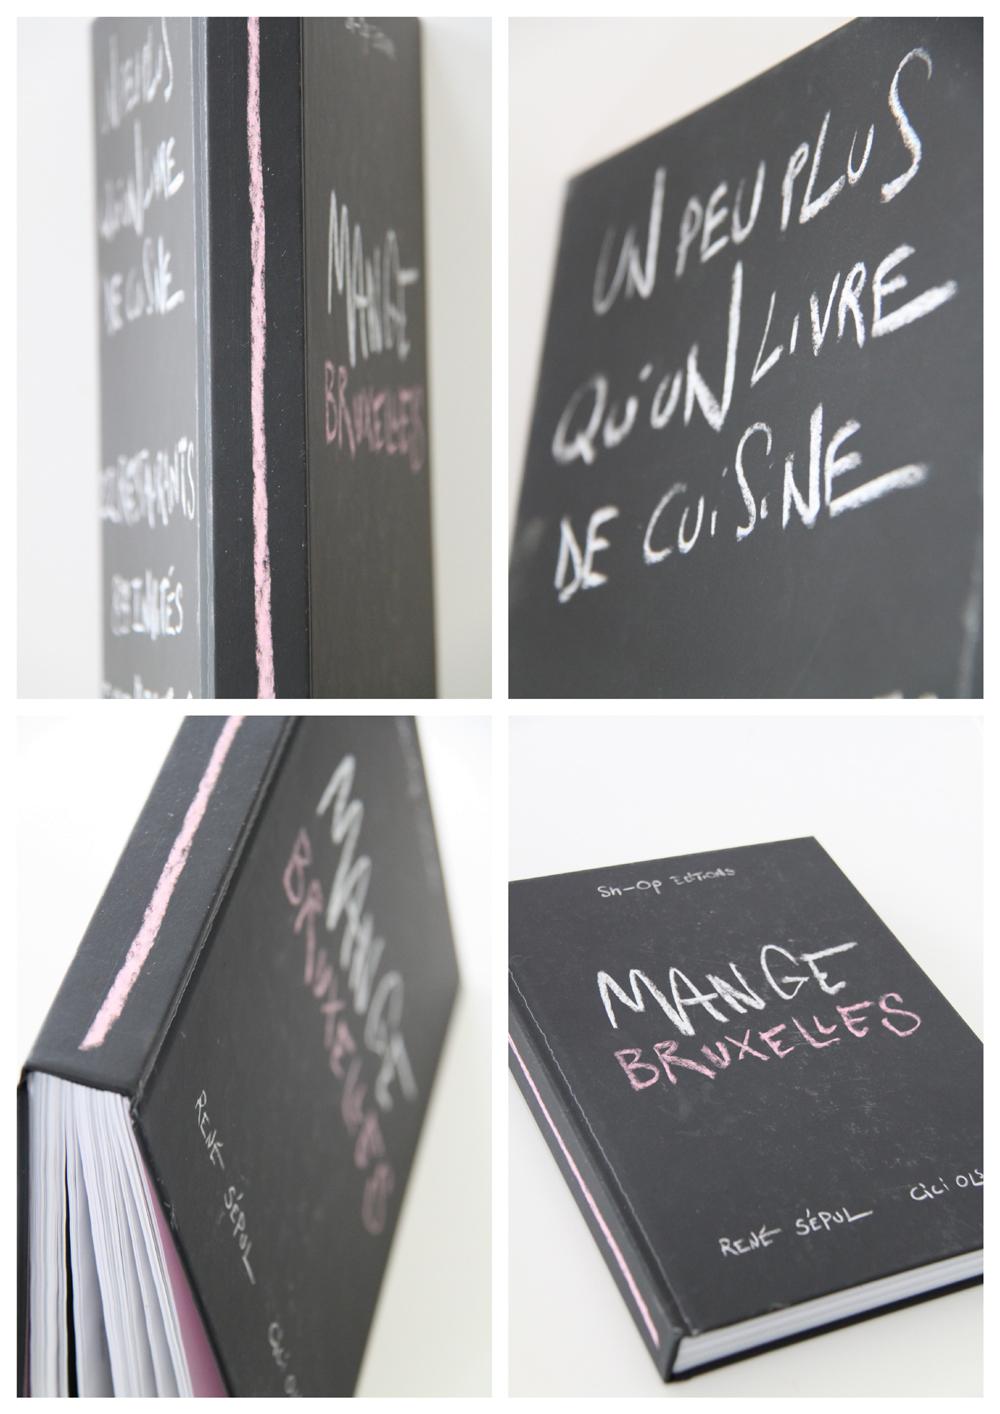 squisitoo mange bruxelles le guide gastronomique nouveau genre. Black Bedroom Furniture Sets. Home Design Ideas